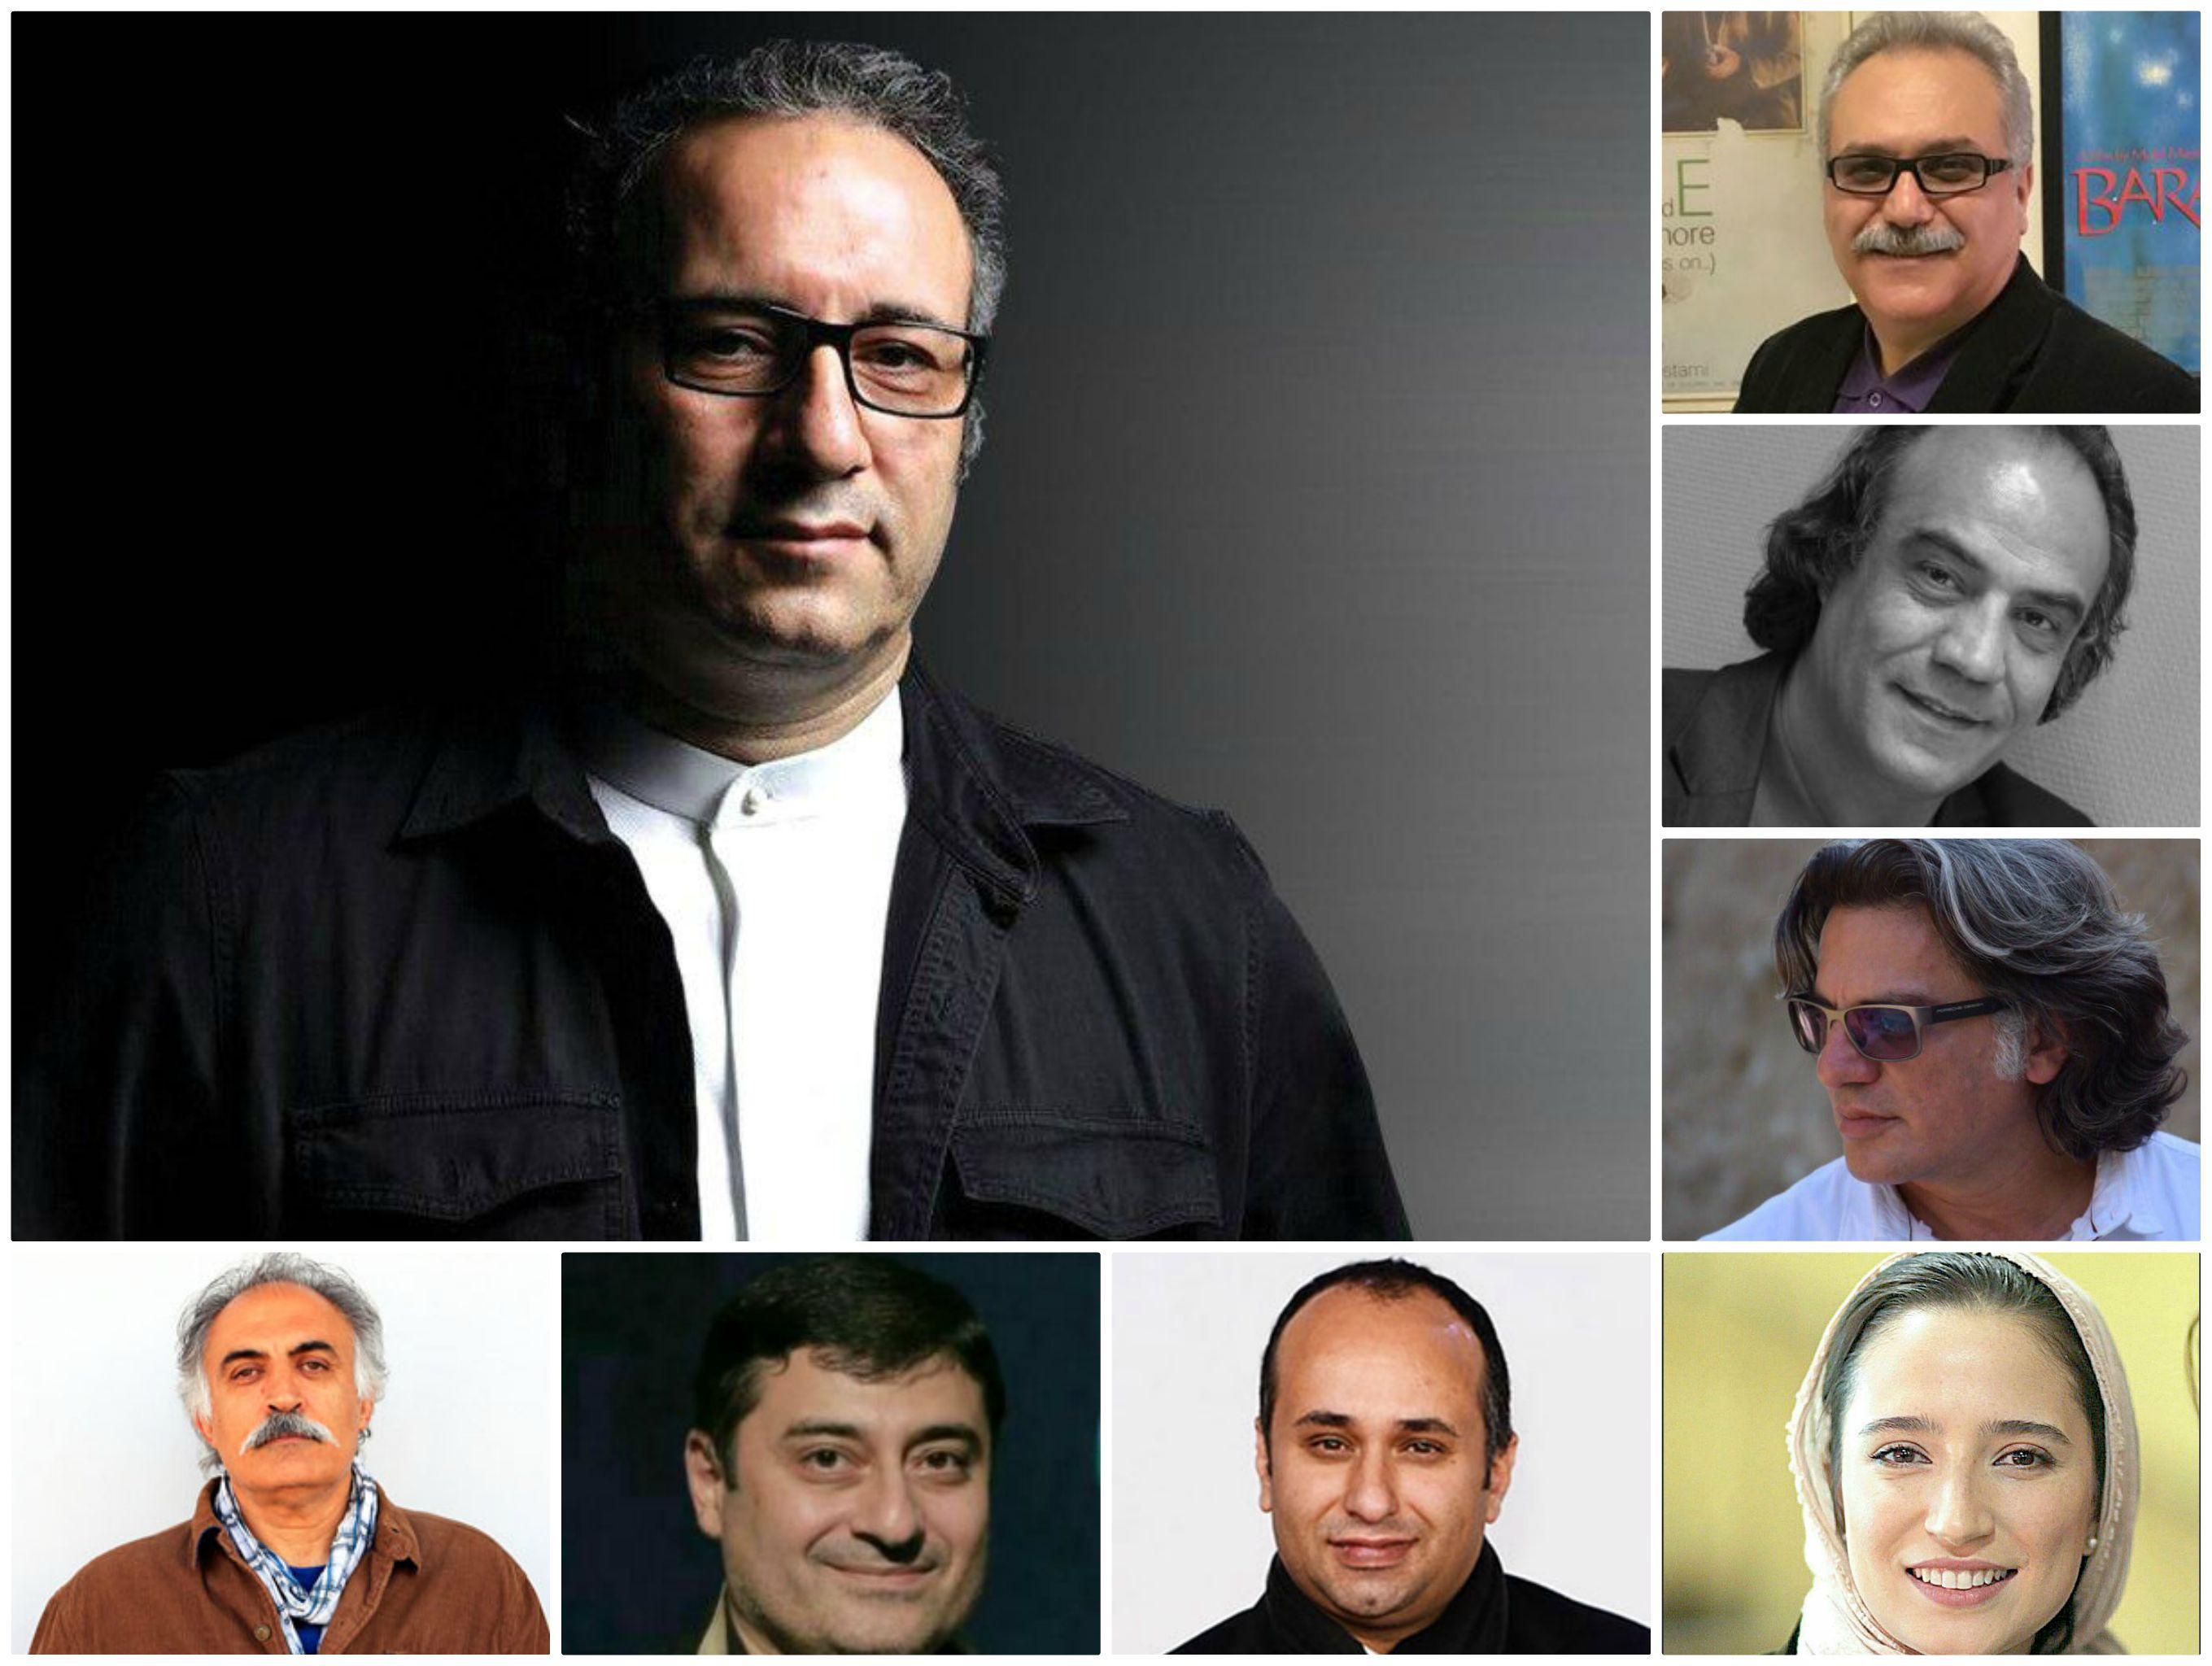 خدای نکرده، کج سلیقگیهای جشنواره جهانی فیلم فجر